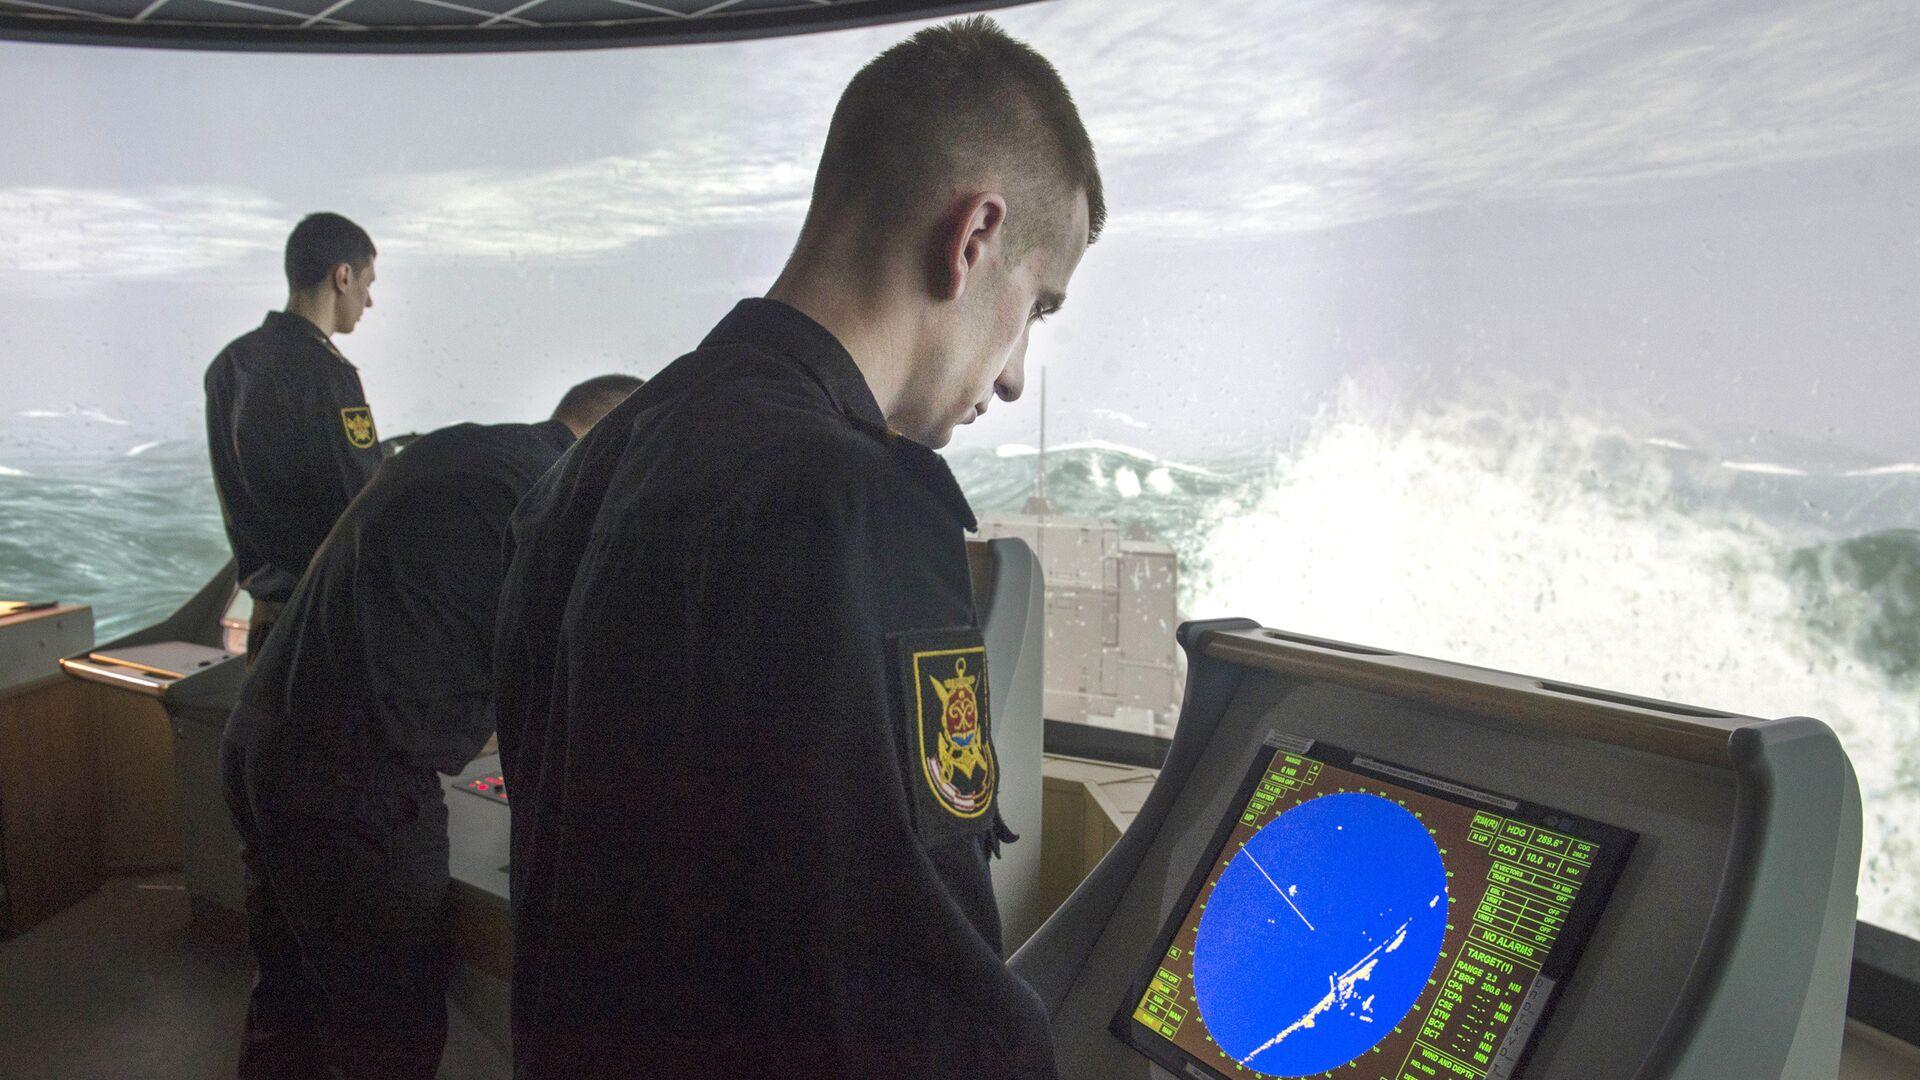 Тренировки корабельного боевого расчета МРК Ураган в Санкт-Петербурге - РИА Новости, 1920, 08.06.2021